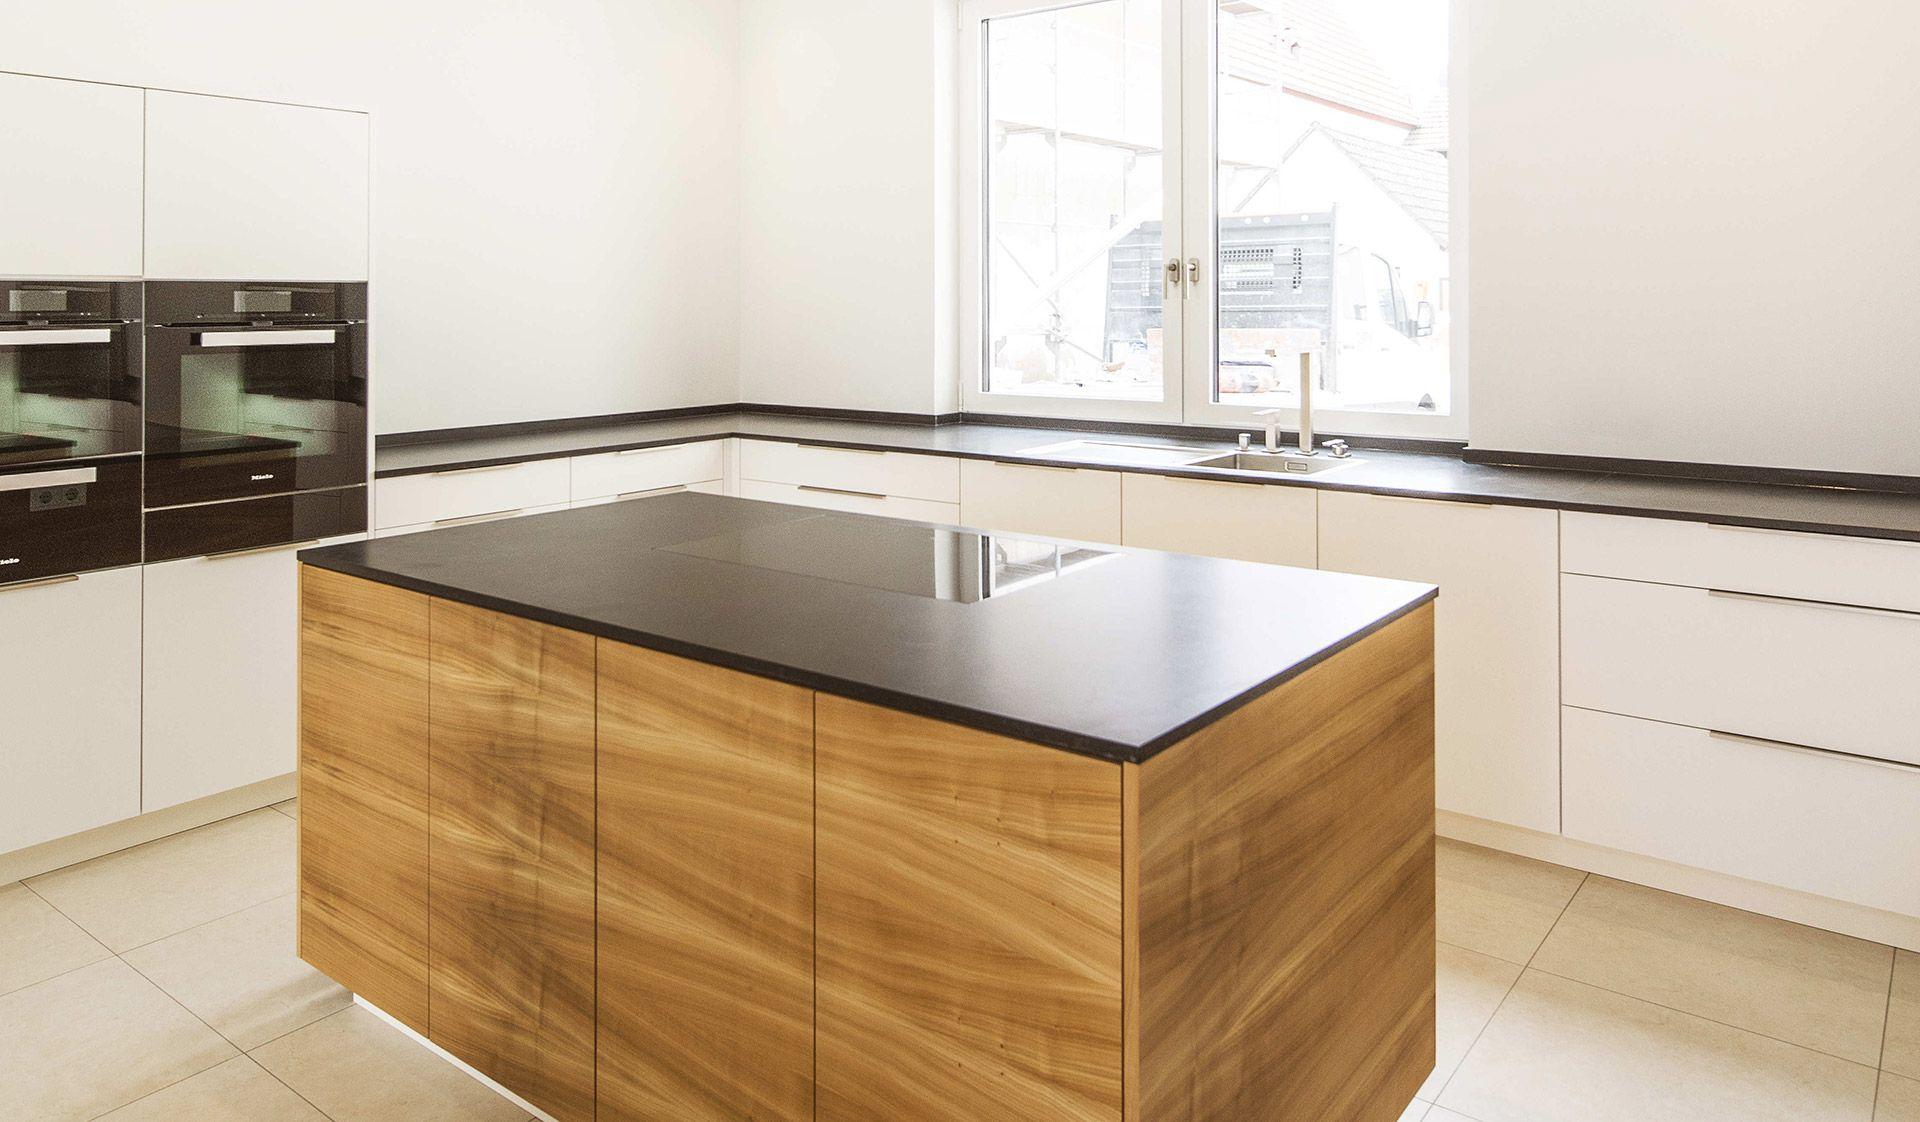 mtb k che in schleiflack weiss kirschbaum natur arbeitsfl chen granit nero assoluto. Black Bedroom Furniture Sets. Home Design Ideas